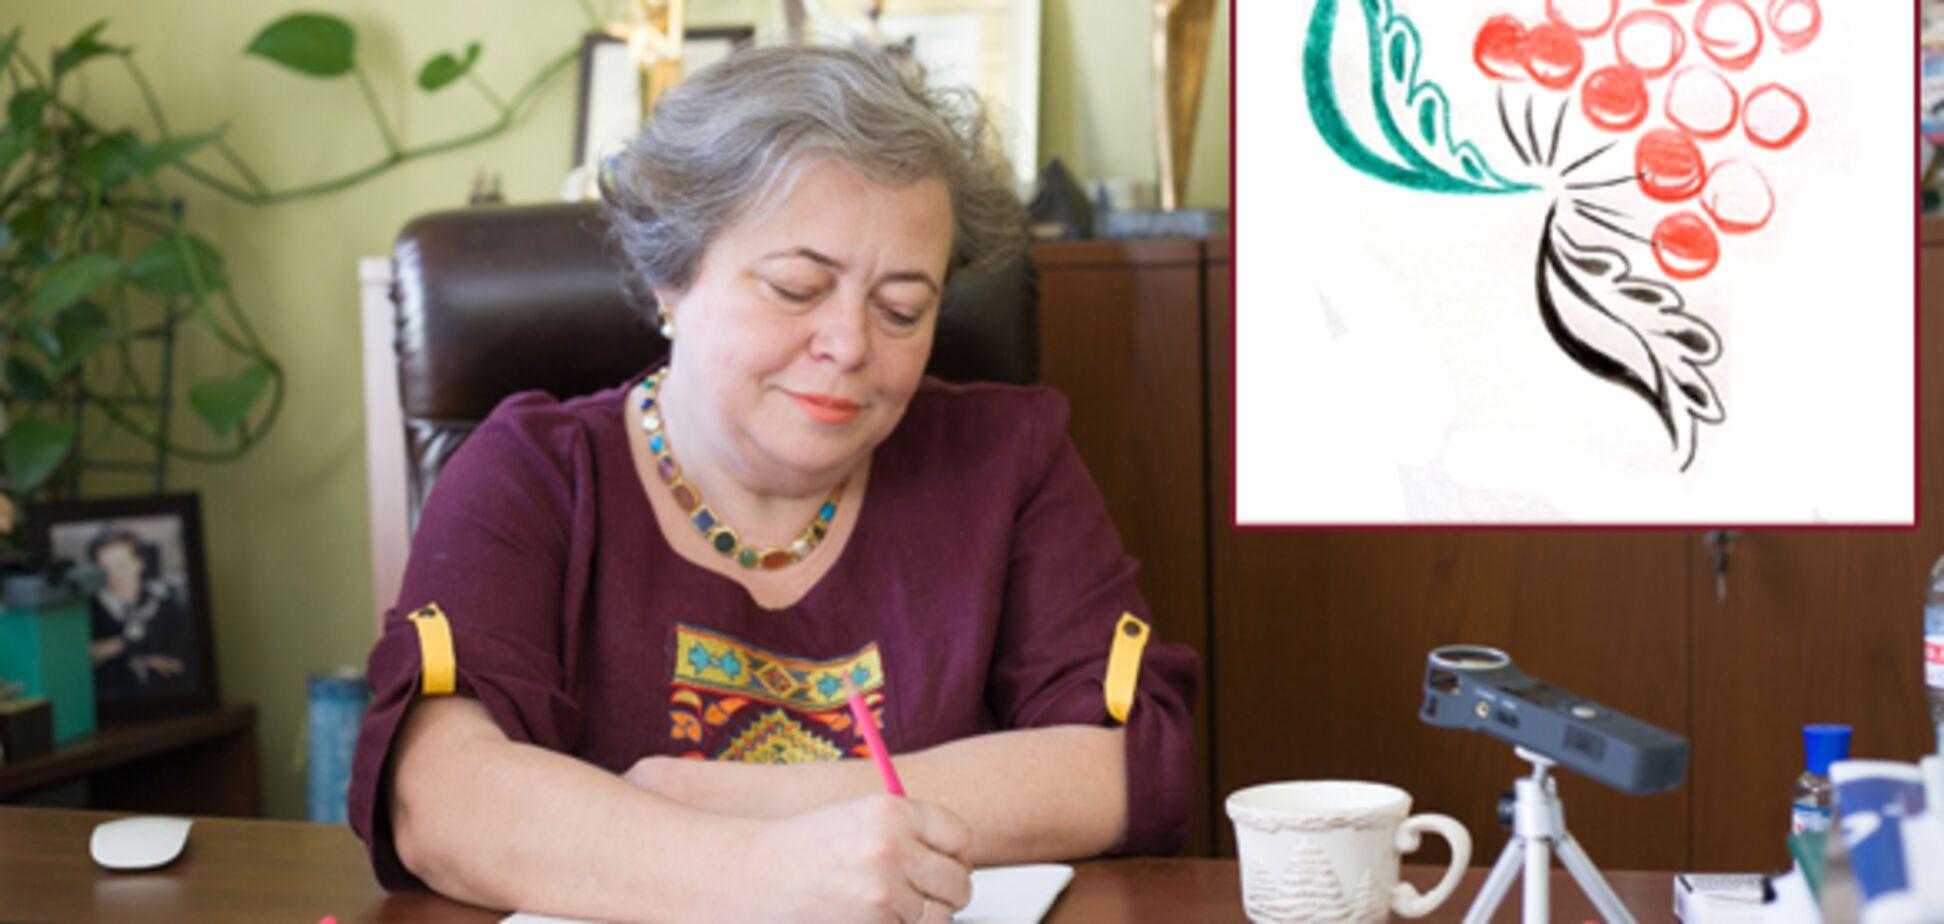 Есть последний шанс изменить качество власти в Украине, а не фамилию - Юлия Мостовая